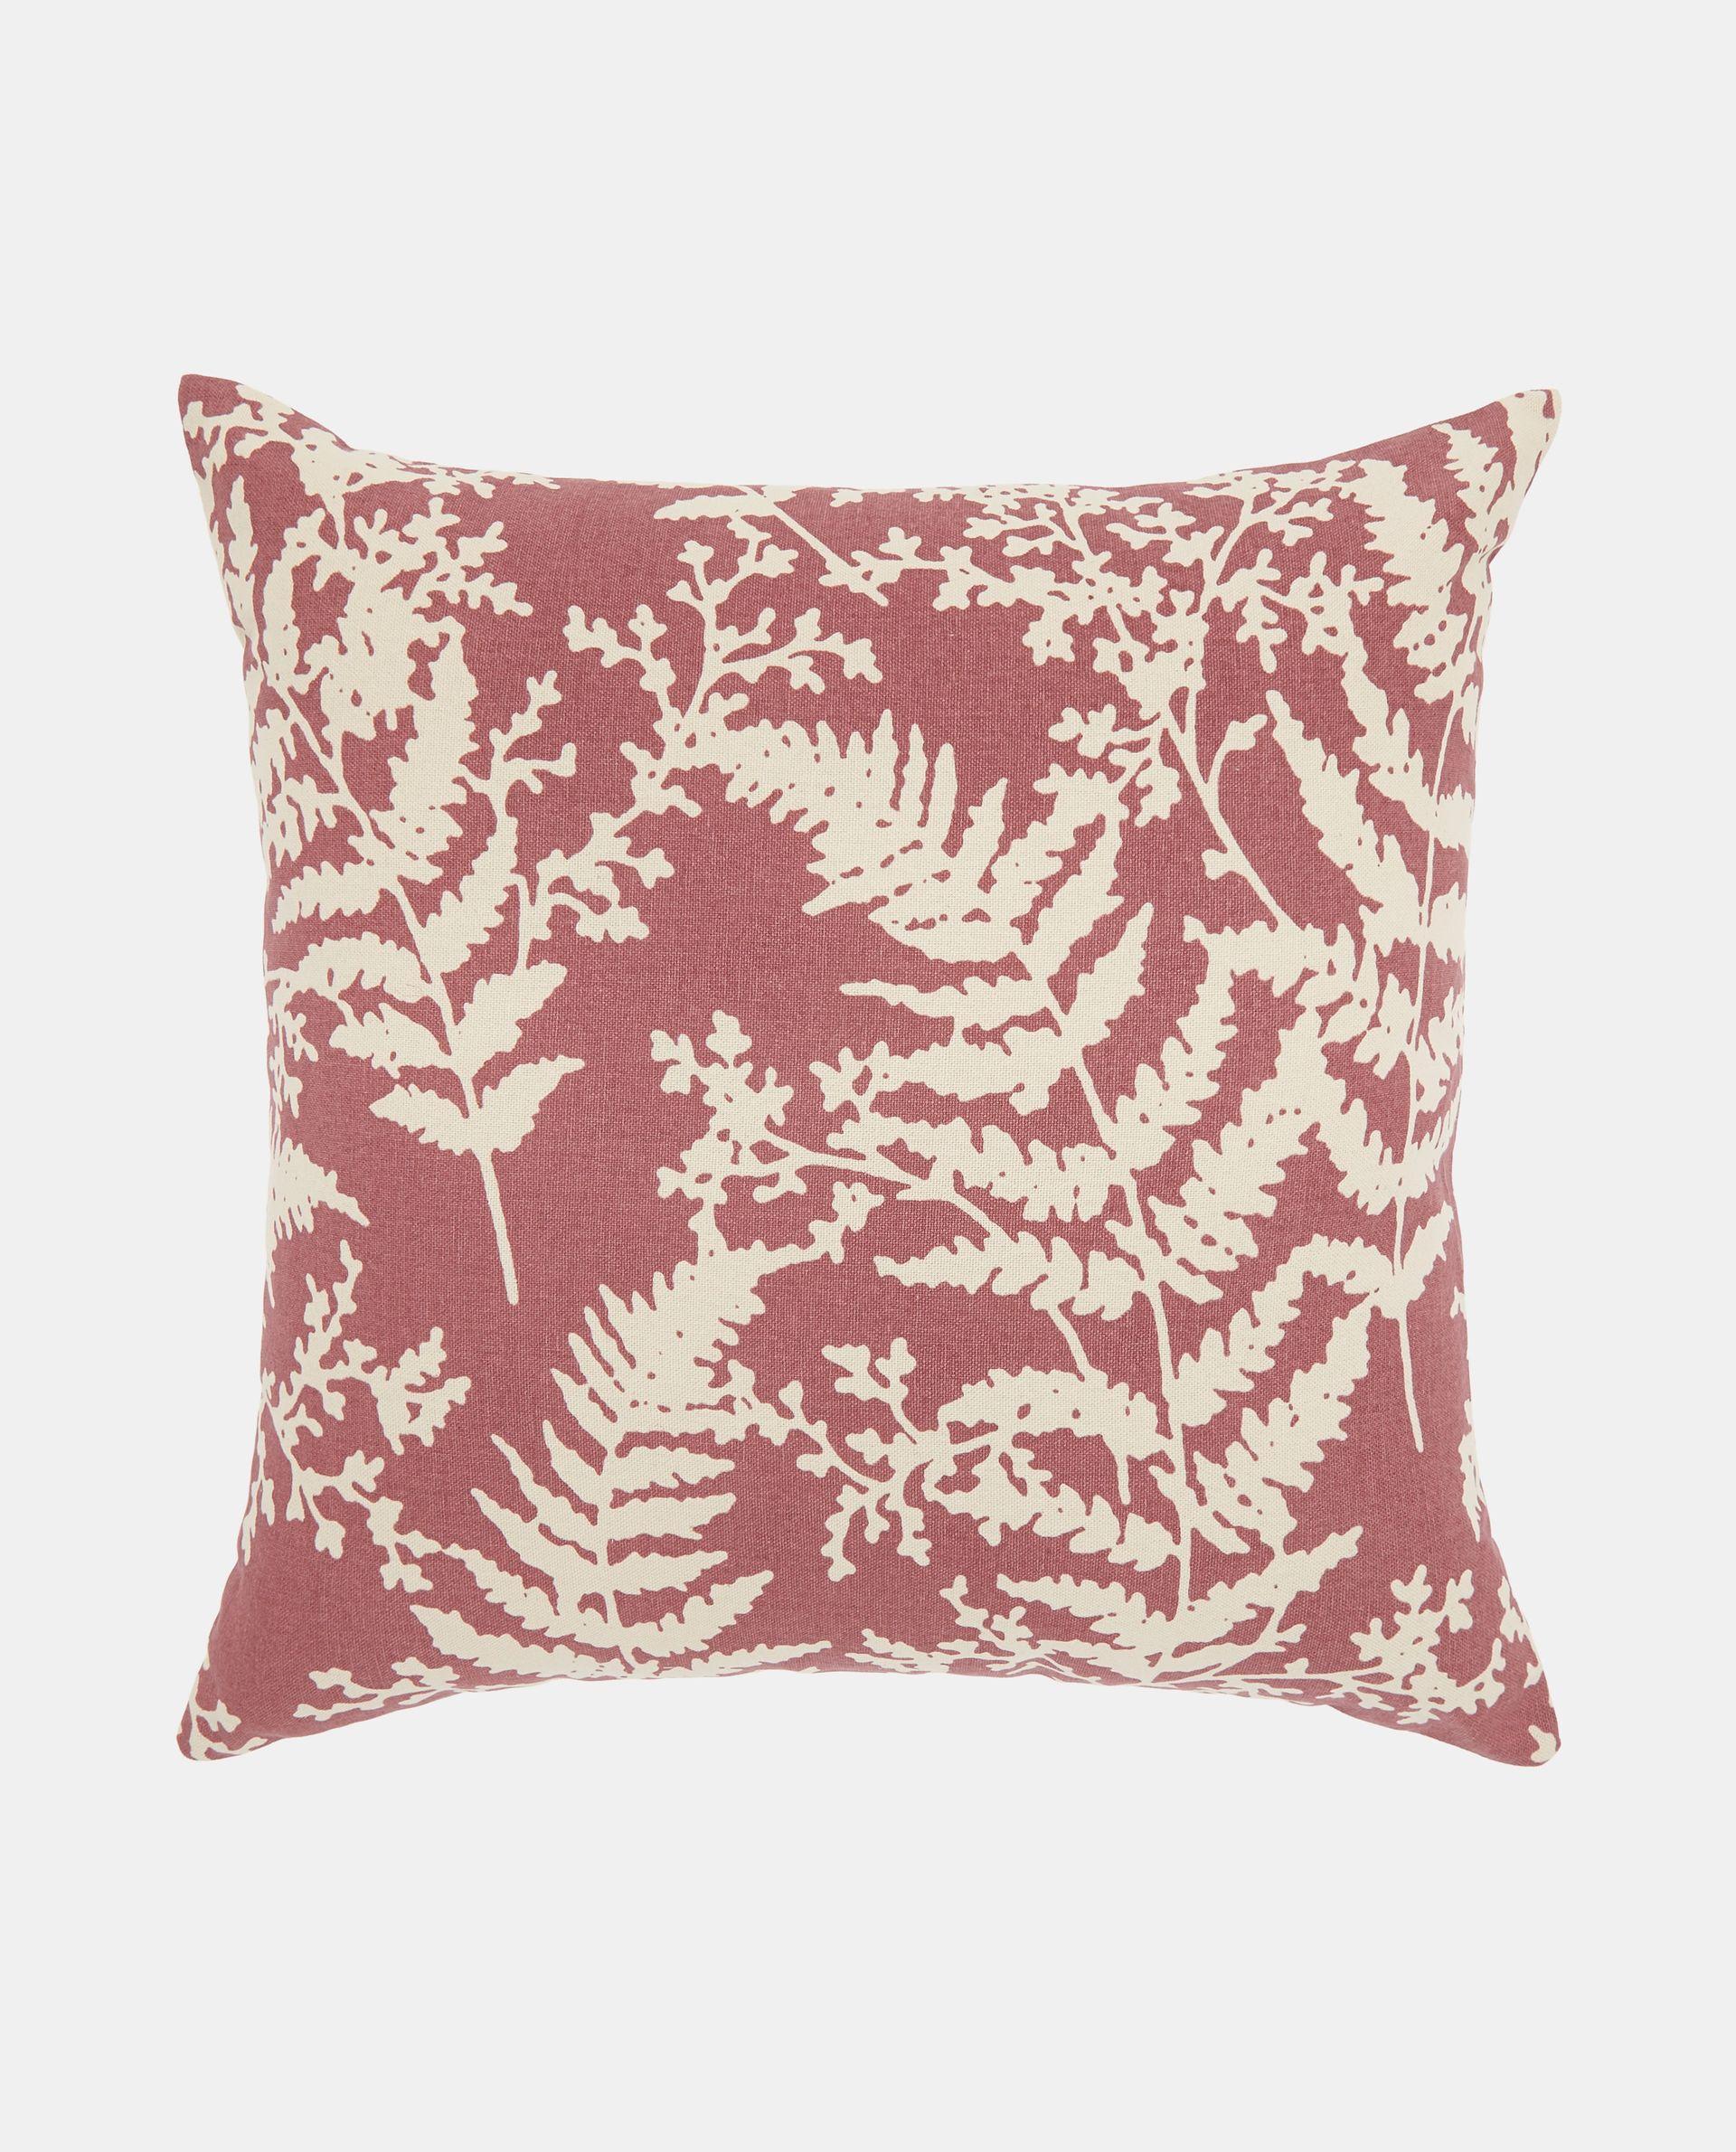 Cuscino imbottito con stampa foglie